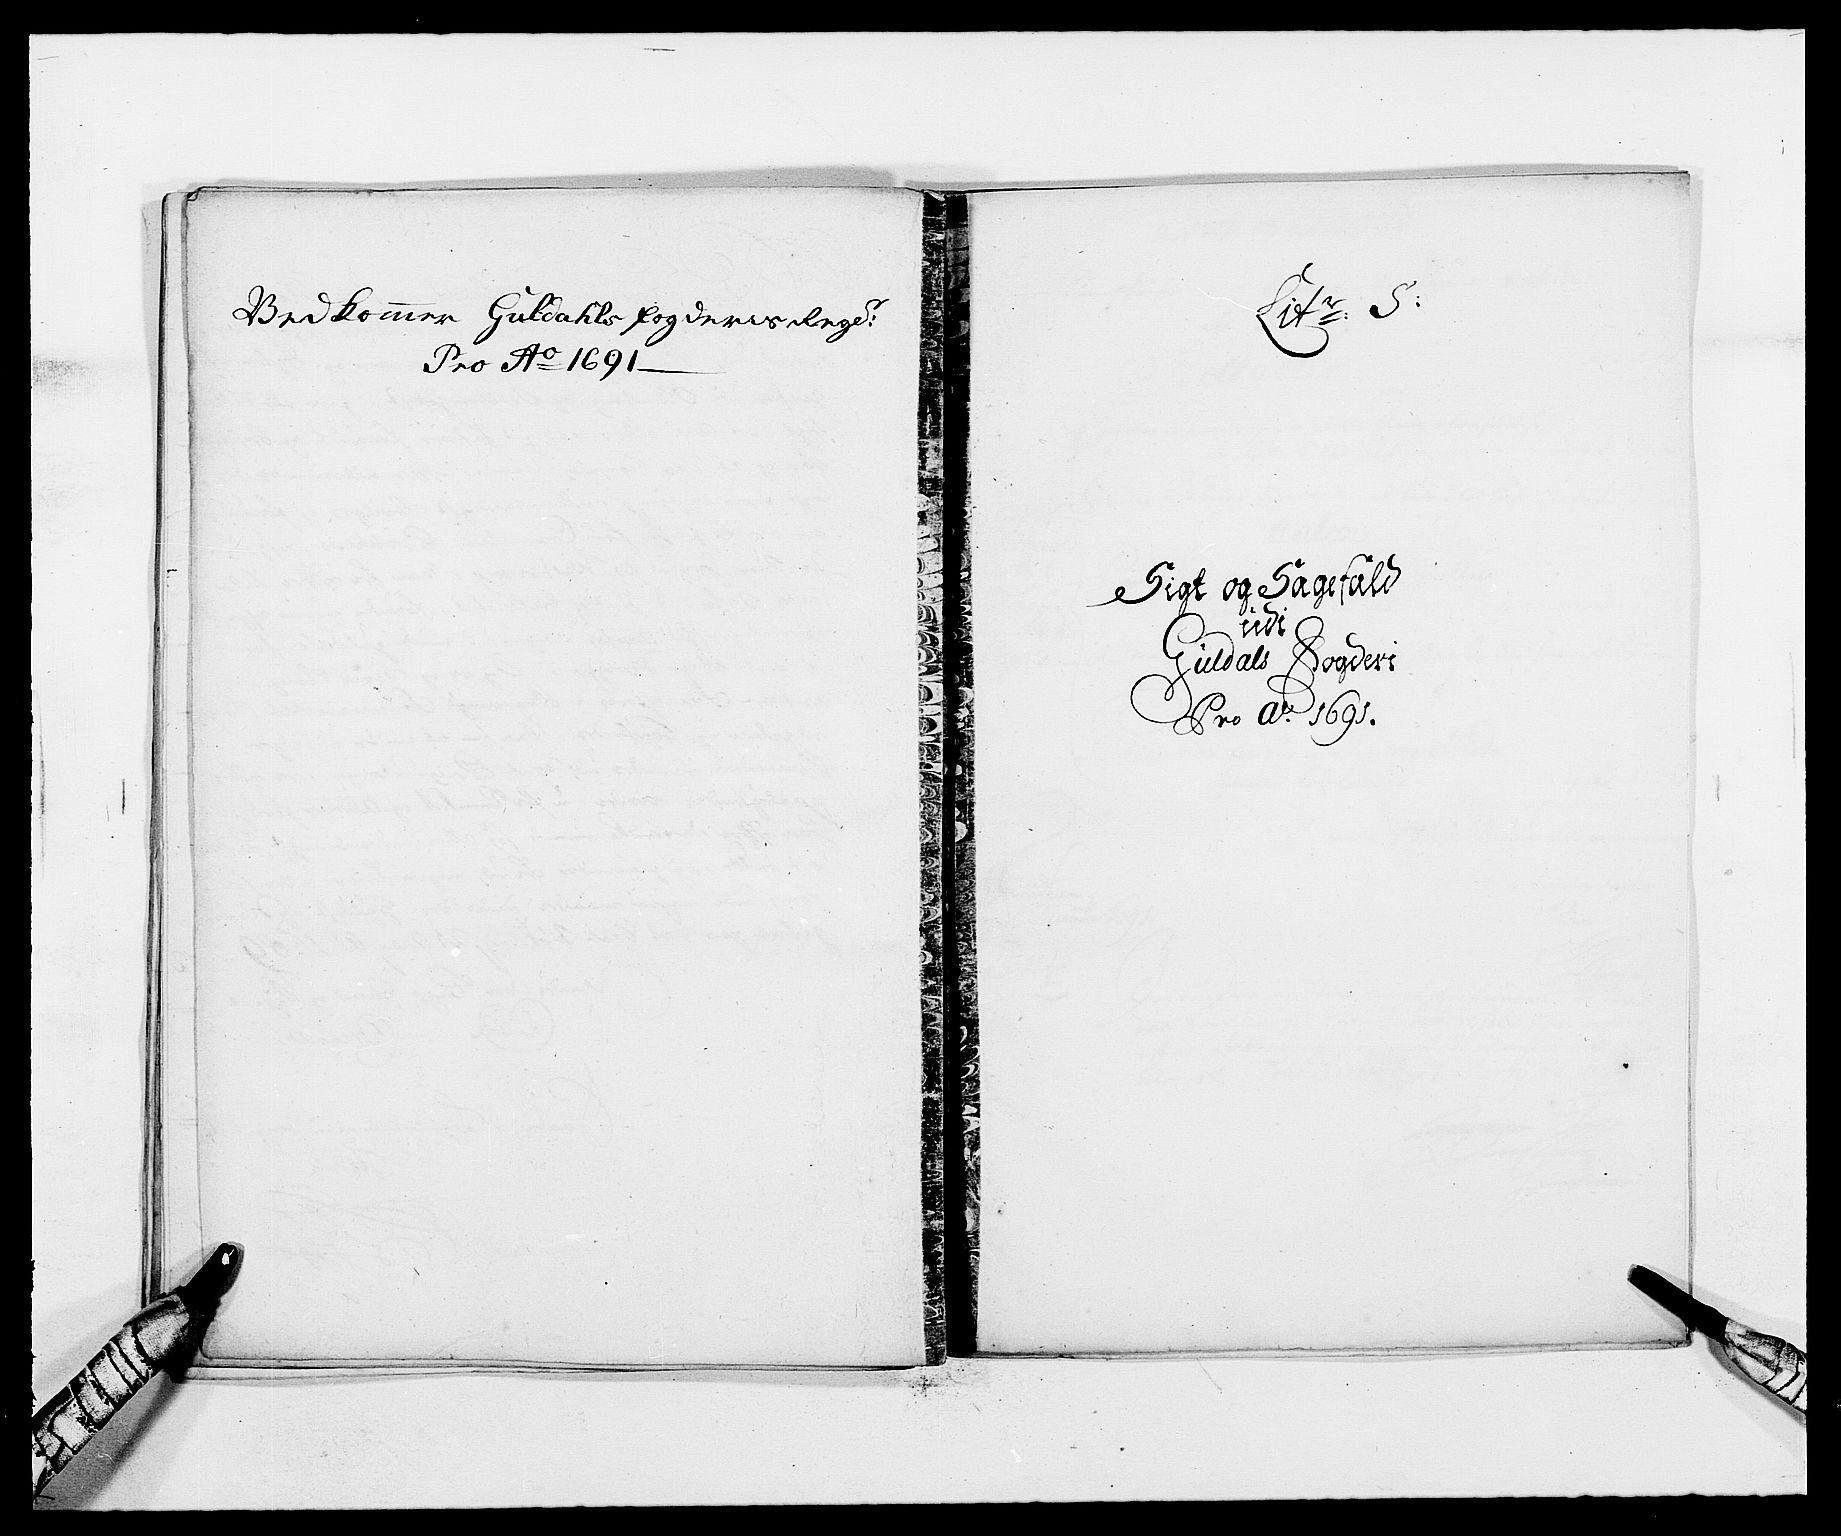 RA, Rentekammeret inntil 1814, Reviderte regnskaper, Fogderegnskap, R59/L3941: Fogderegnskap Gauldal, 1691, s. 155